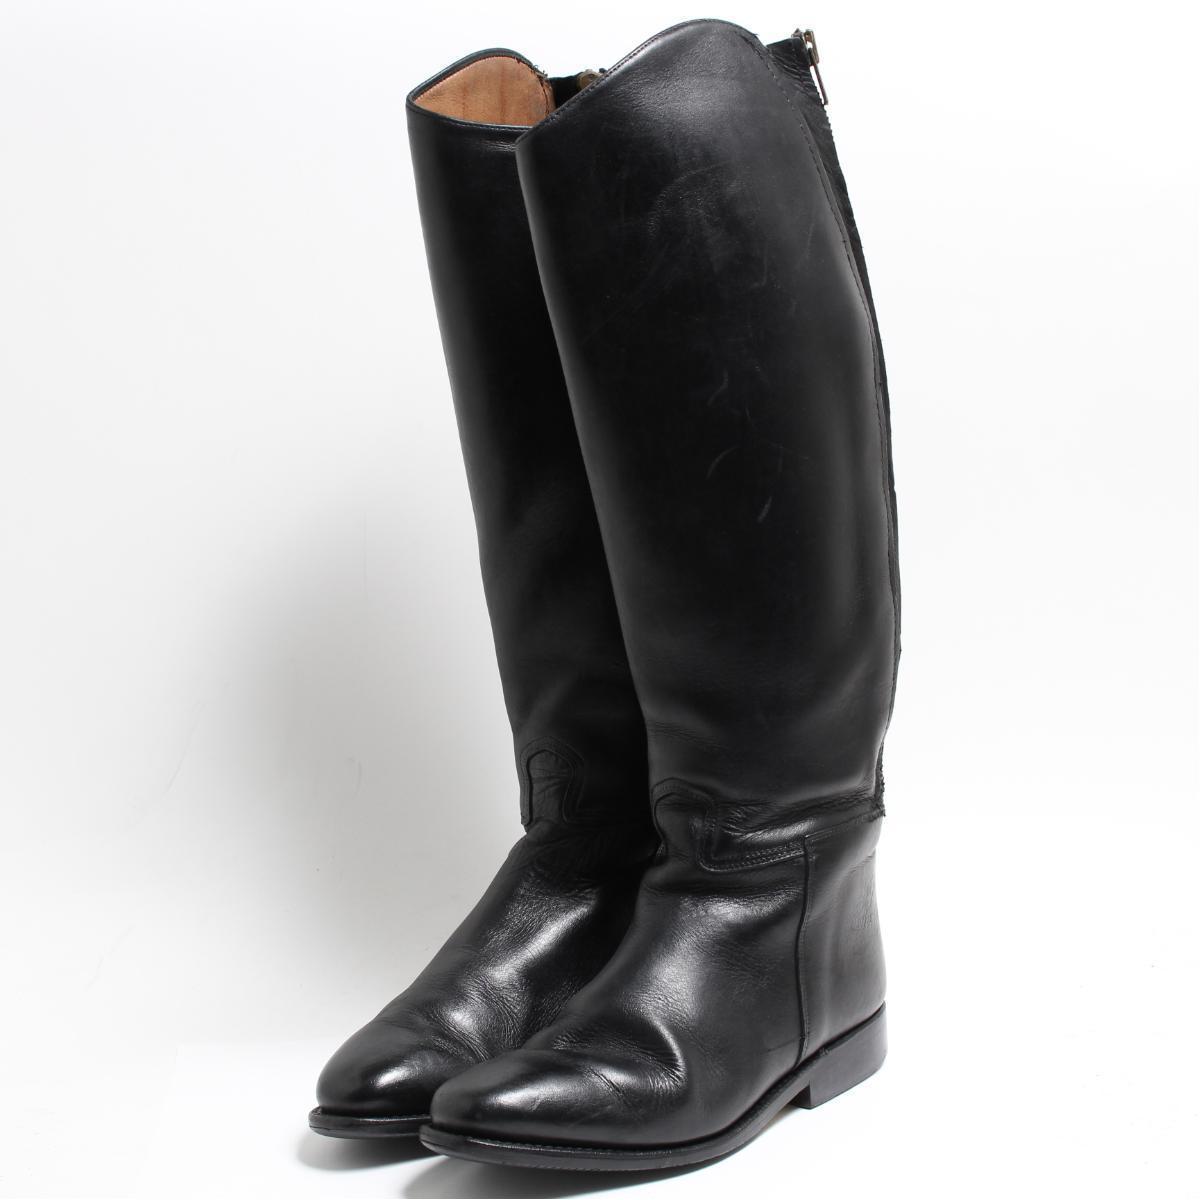 カバロ Cavallo ジョッキー乗馬ブーツ 6.5 レディース24.0cm /bon6560 【中古】 【180915】